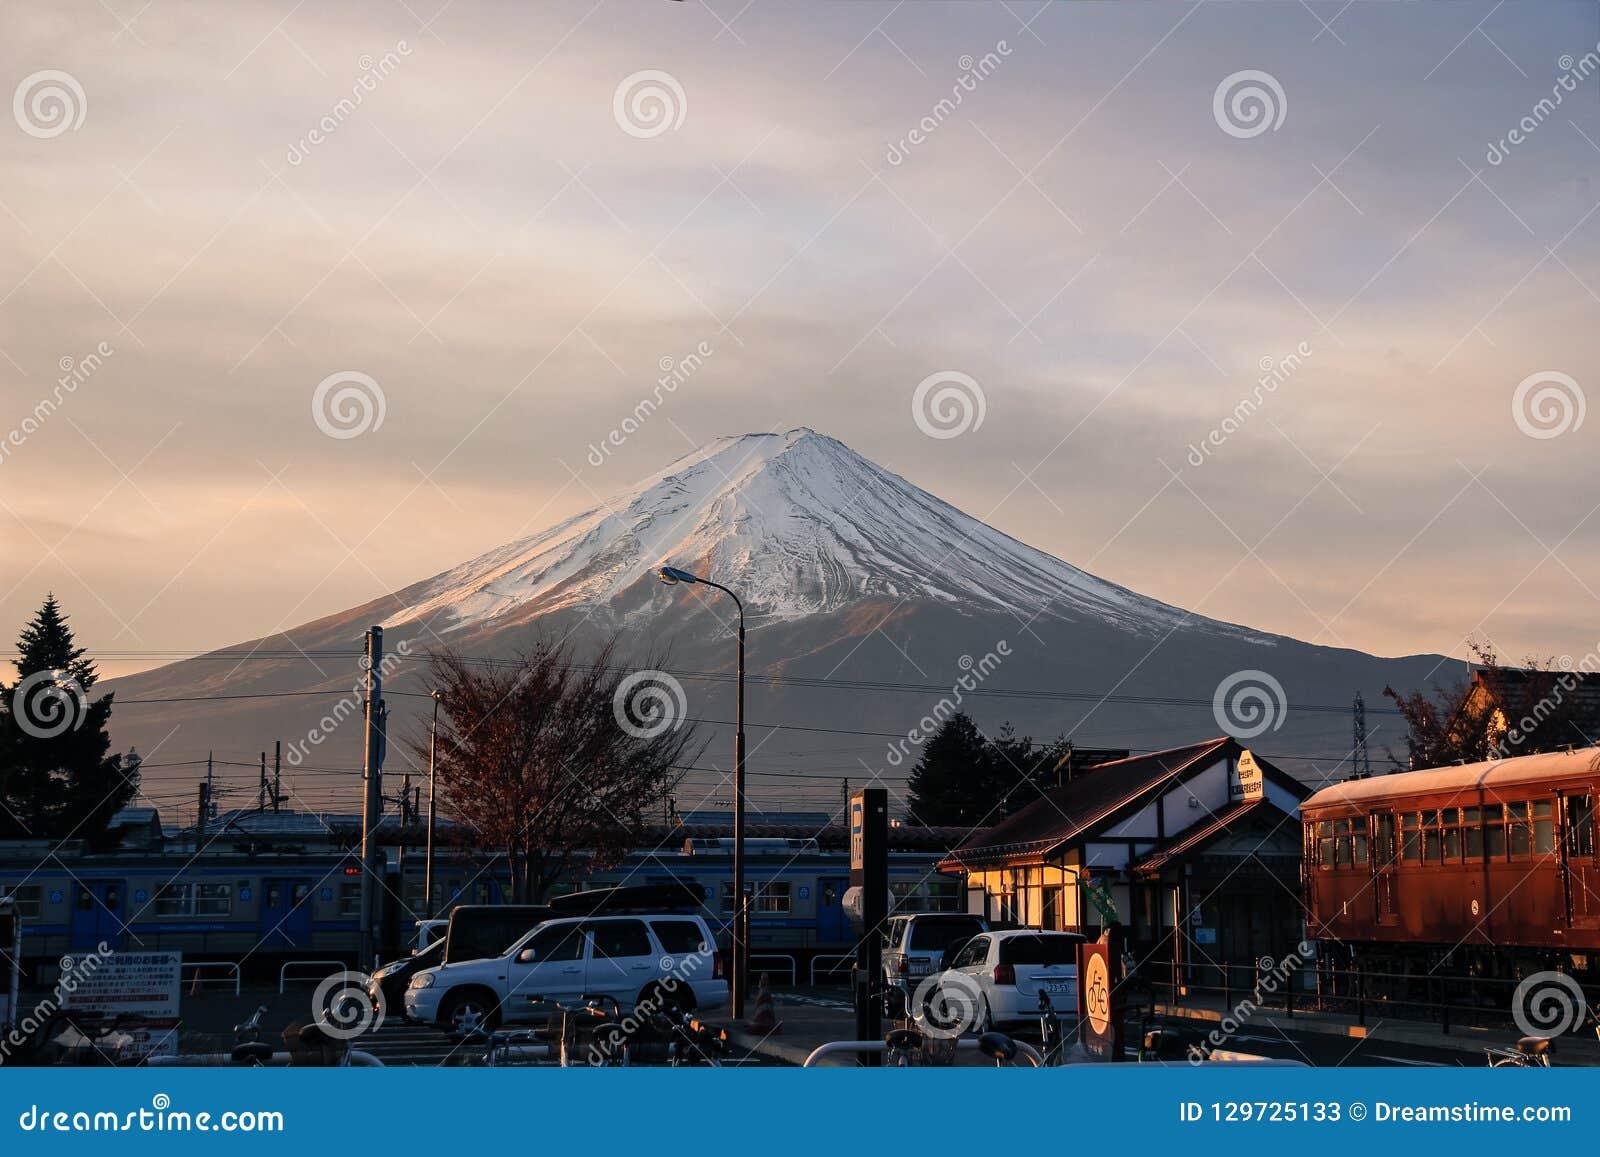 Mount Fuji `Fuji-san`